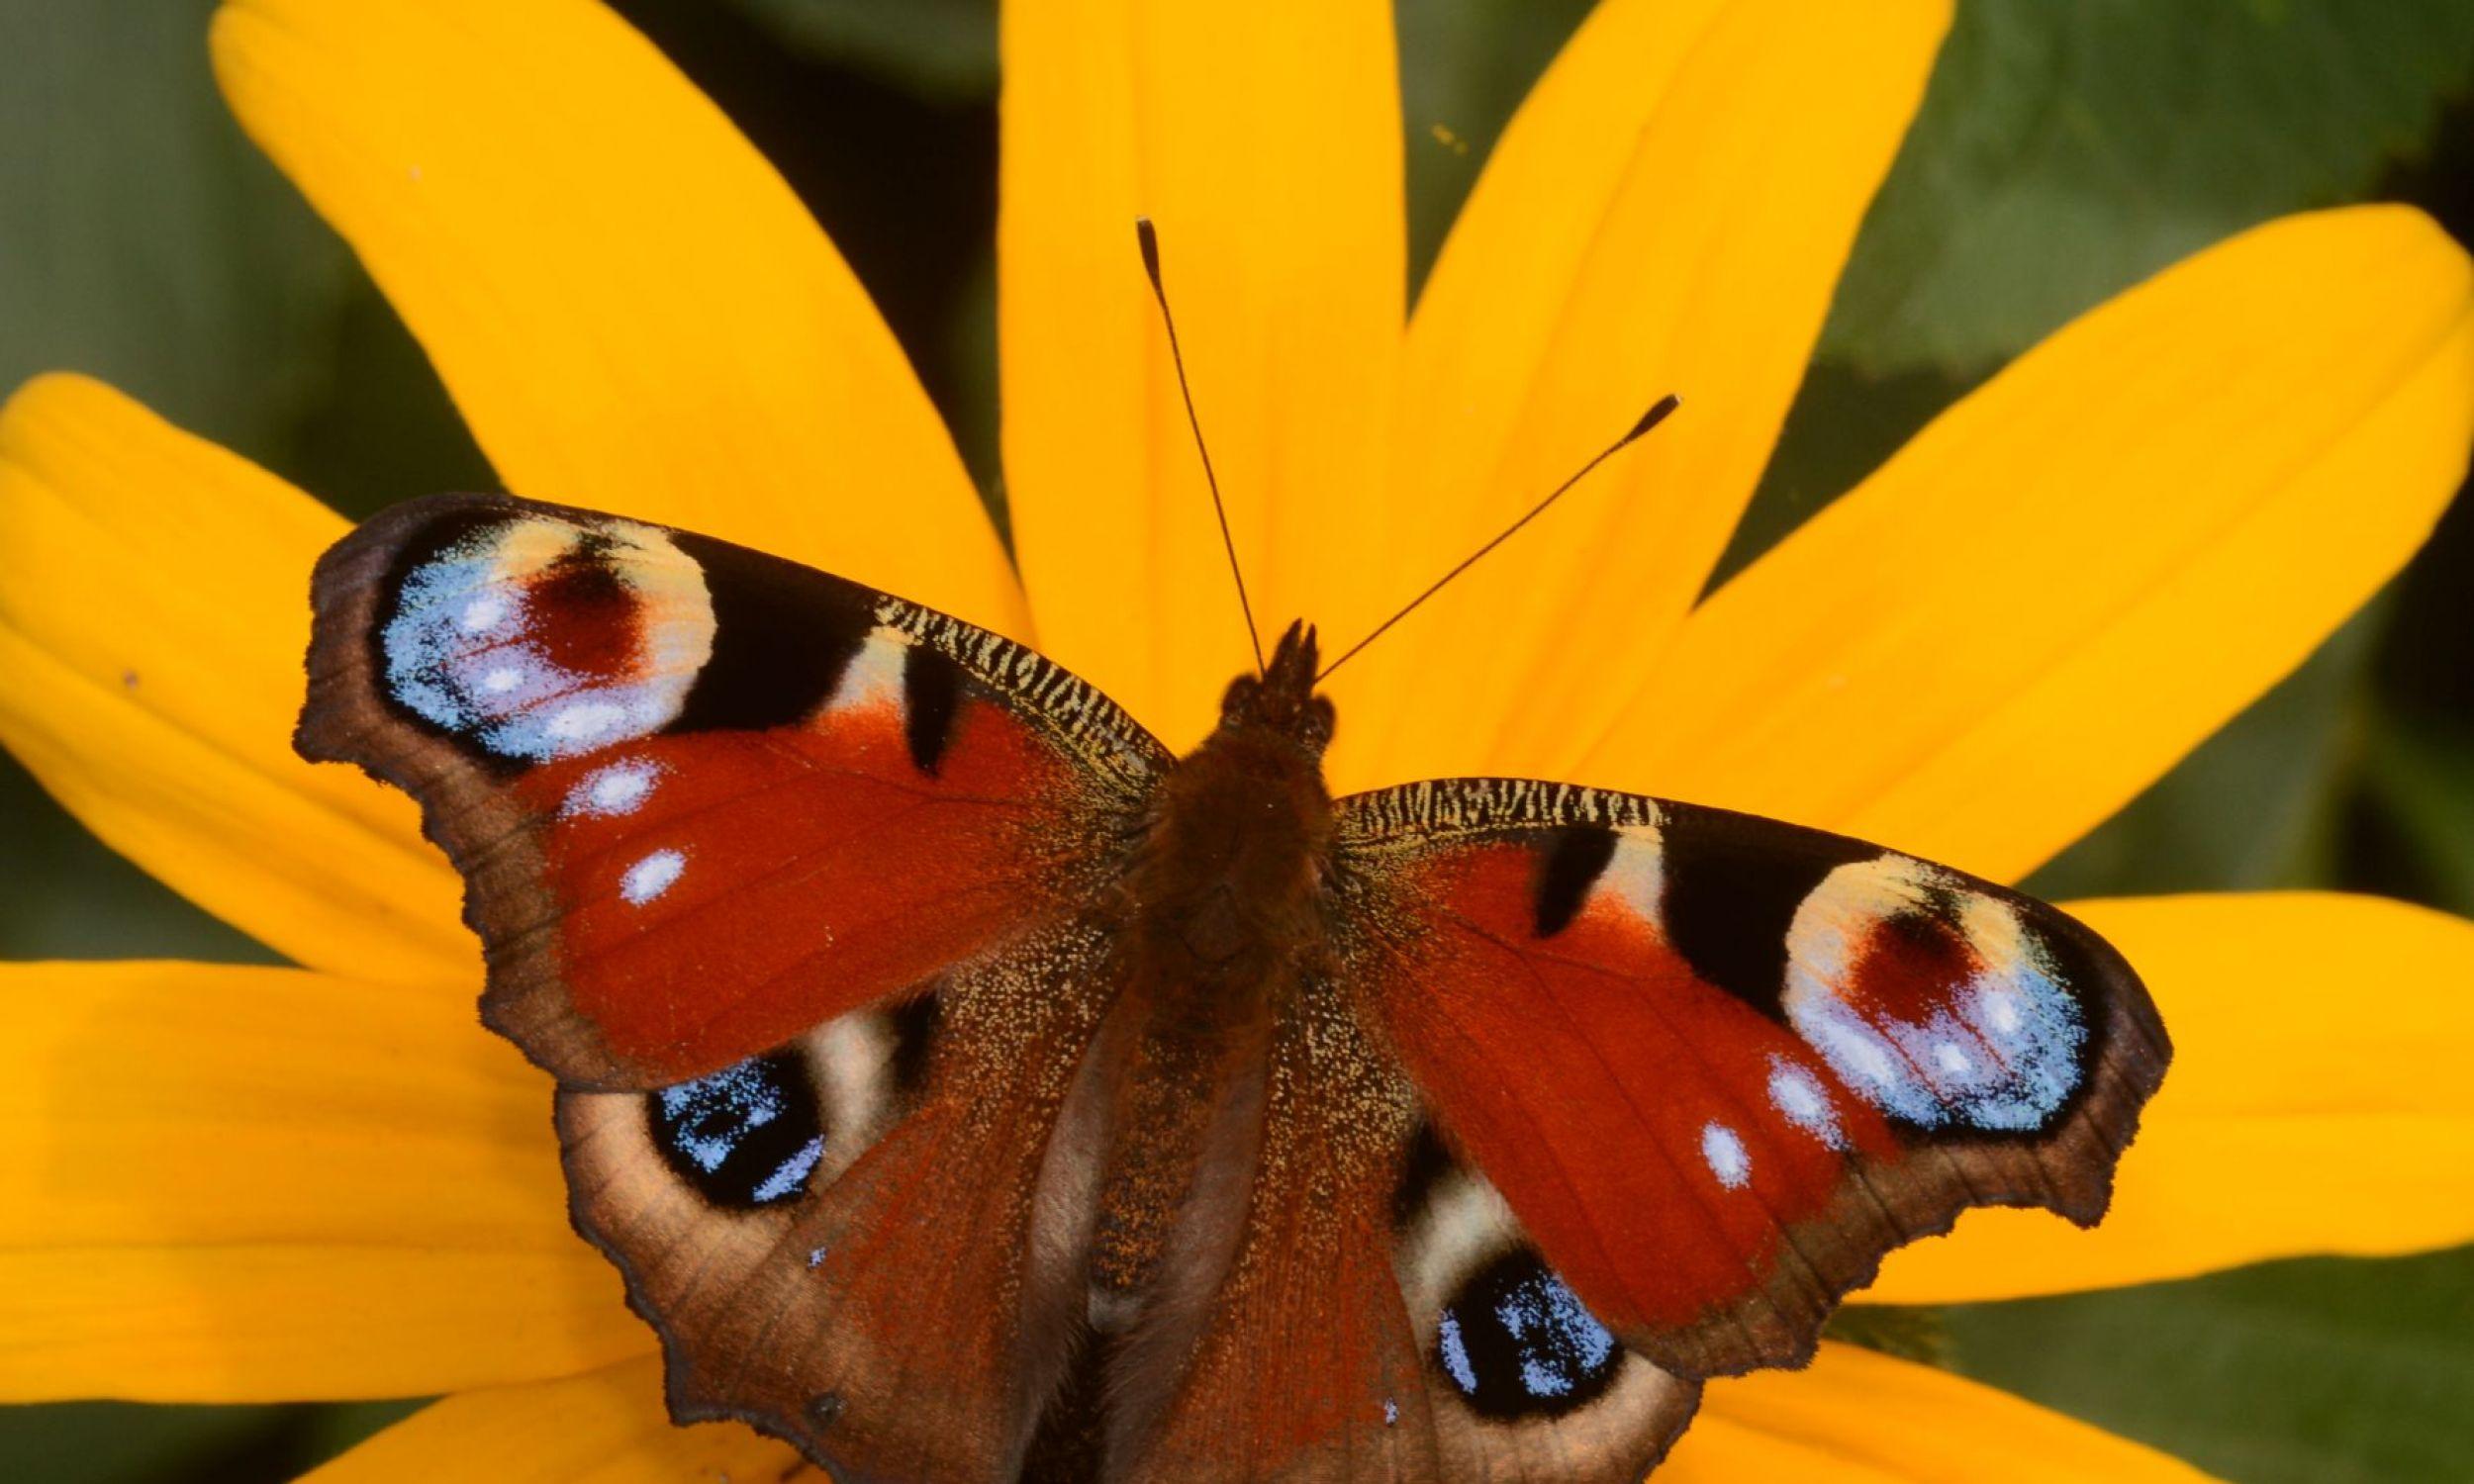 Jesienią widzimy drugie pokolenie tego gatunku, choć jeszcze 30 lat temu ten rusałka pawik był gatunkiem jednopokoleniowym. Na skrzydłach ma charakterystyczne oczy, żeby odstraszać wroga. Często można zauważyć pawiki bez jednego oka na skrzydle, bo jakiś ptak próbował je wydziobać. Samce tych motyli ustanawiają terytoria w ustronnych miejscach i czekają na samicę, więc kopulujące spotyka się wyjątkowo rzadko, tak się sprytnie ukrywają. Fot. Izabela Dziekańska i Marcin Sielezniew